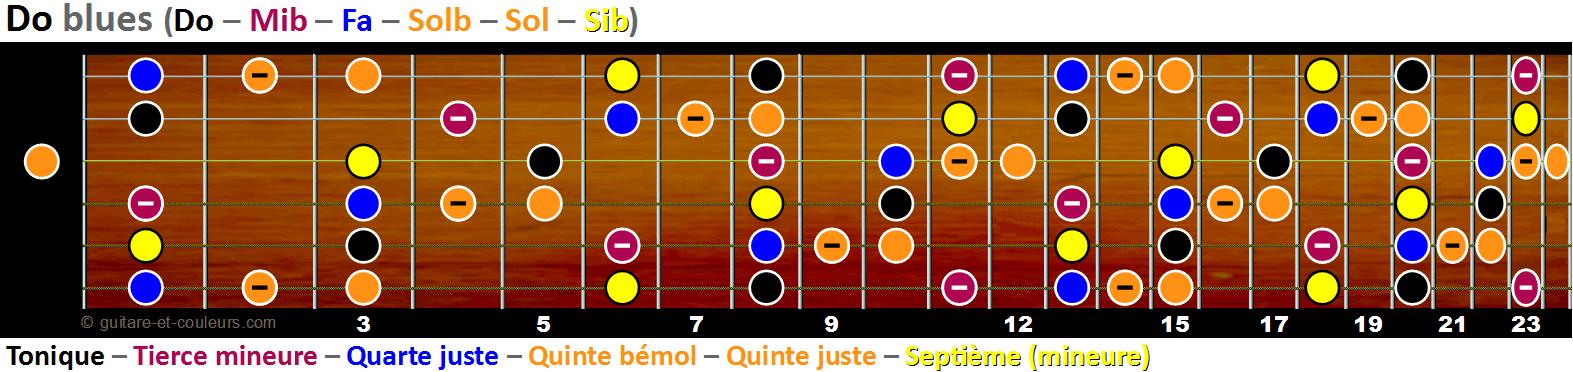 La gamme de Do blues